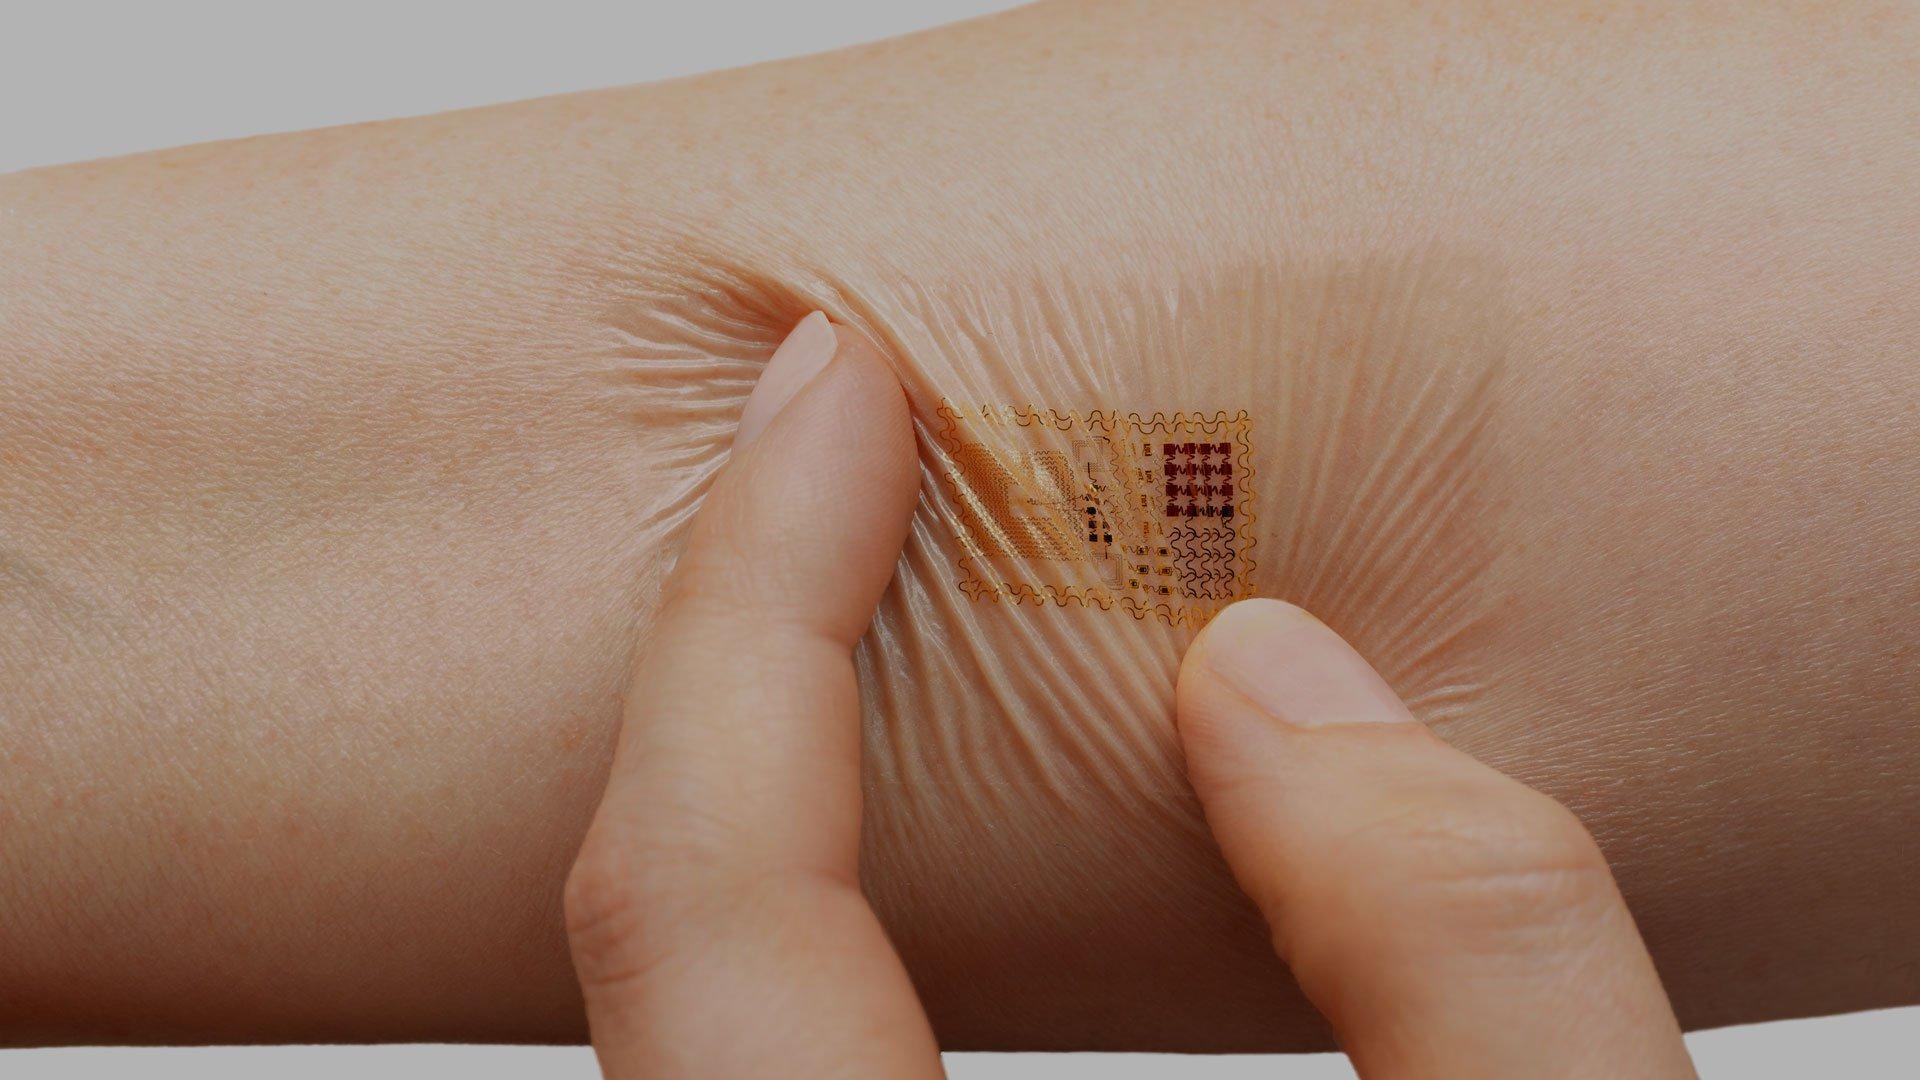 Электронные татуировки проследят за эмоциями